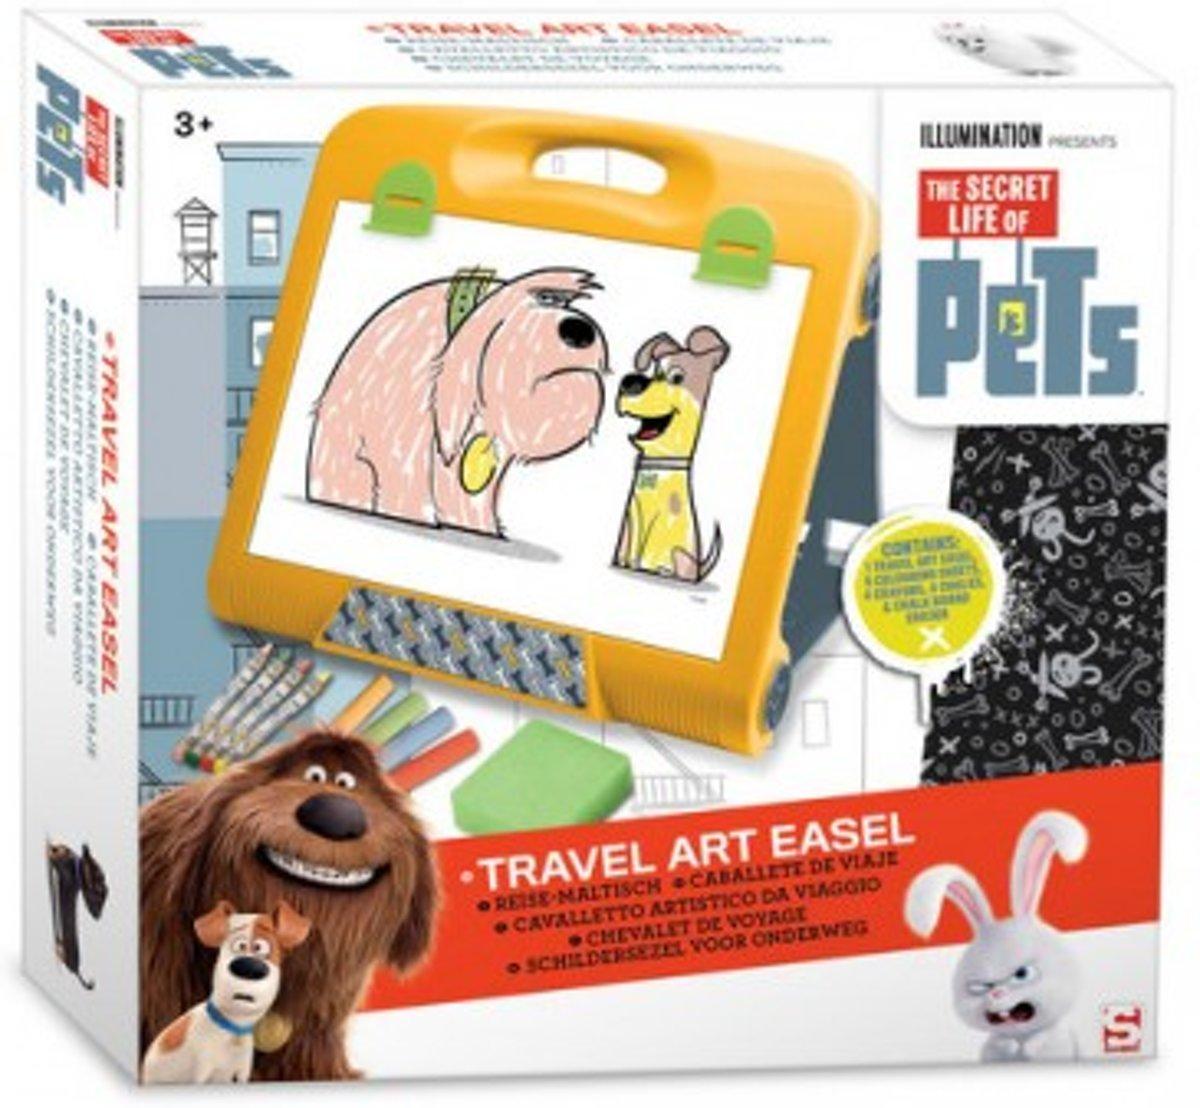 The Secret Life of Pets Schildersezel Reismodel – 35x34x7cm | Tekenbord voor Onderweg | Tekenen in de Auto kopen